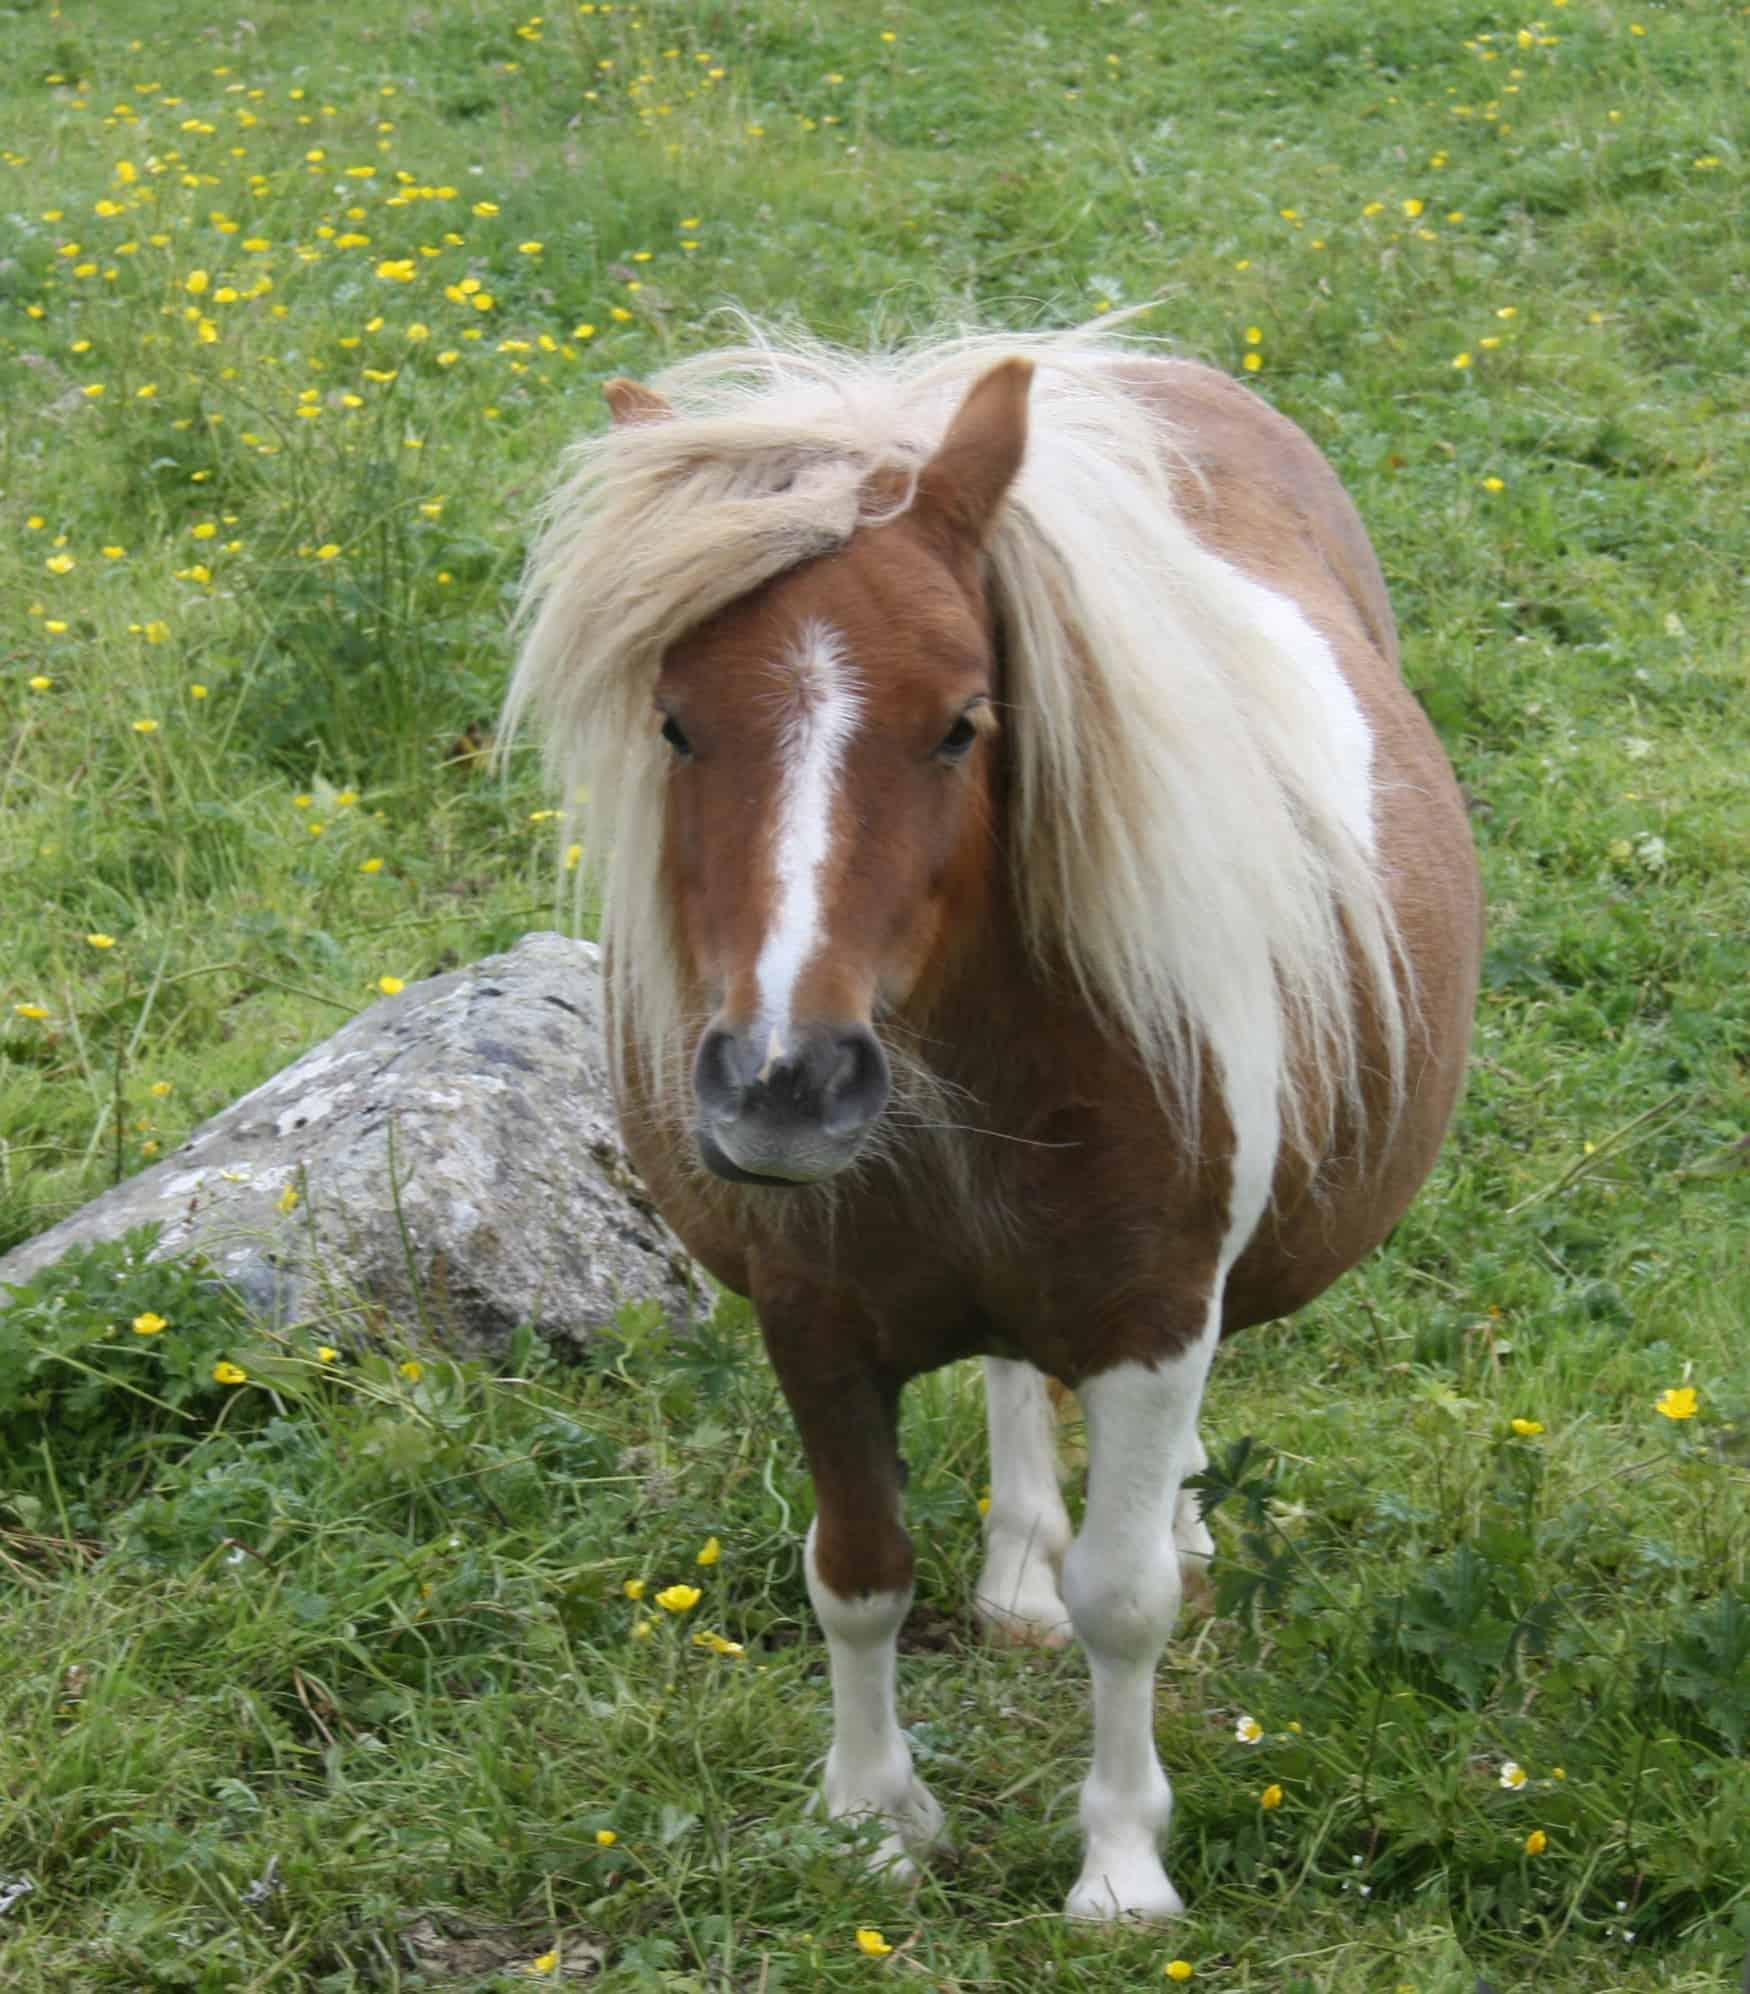 Shetland Pony in a meadow